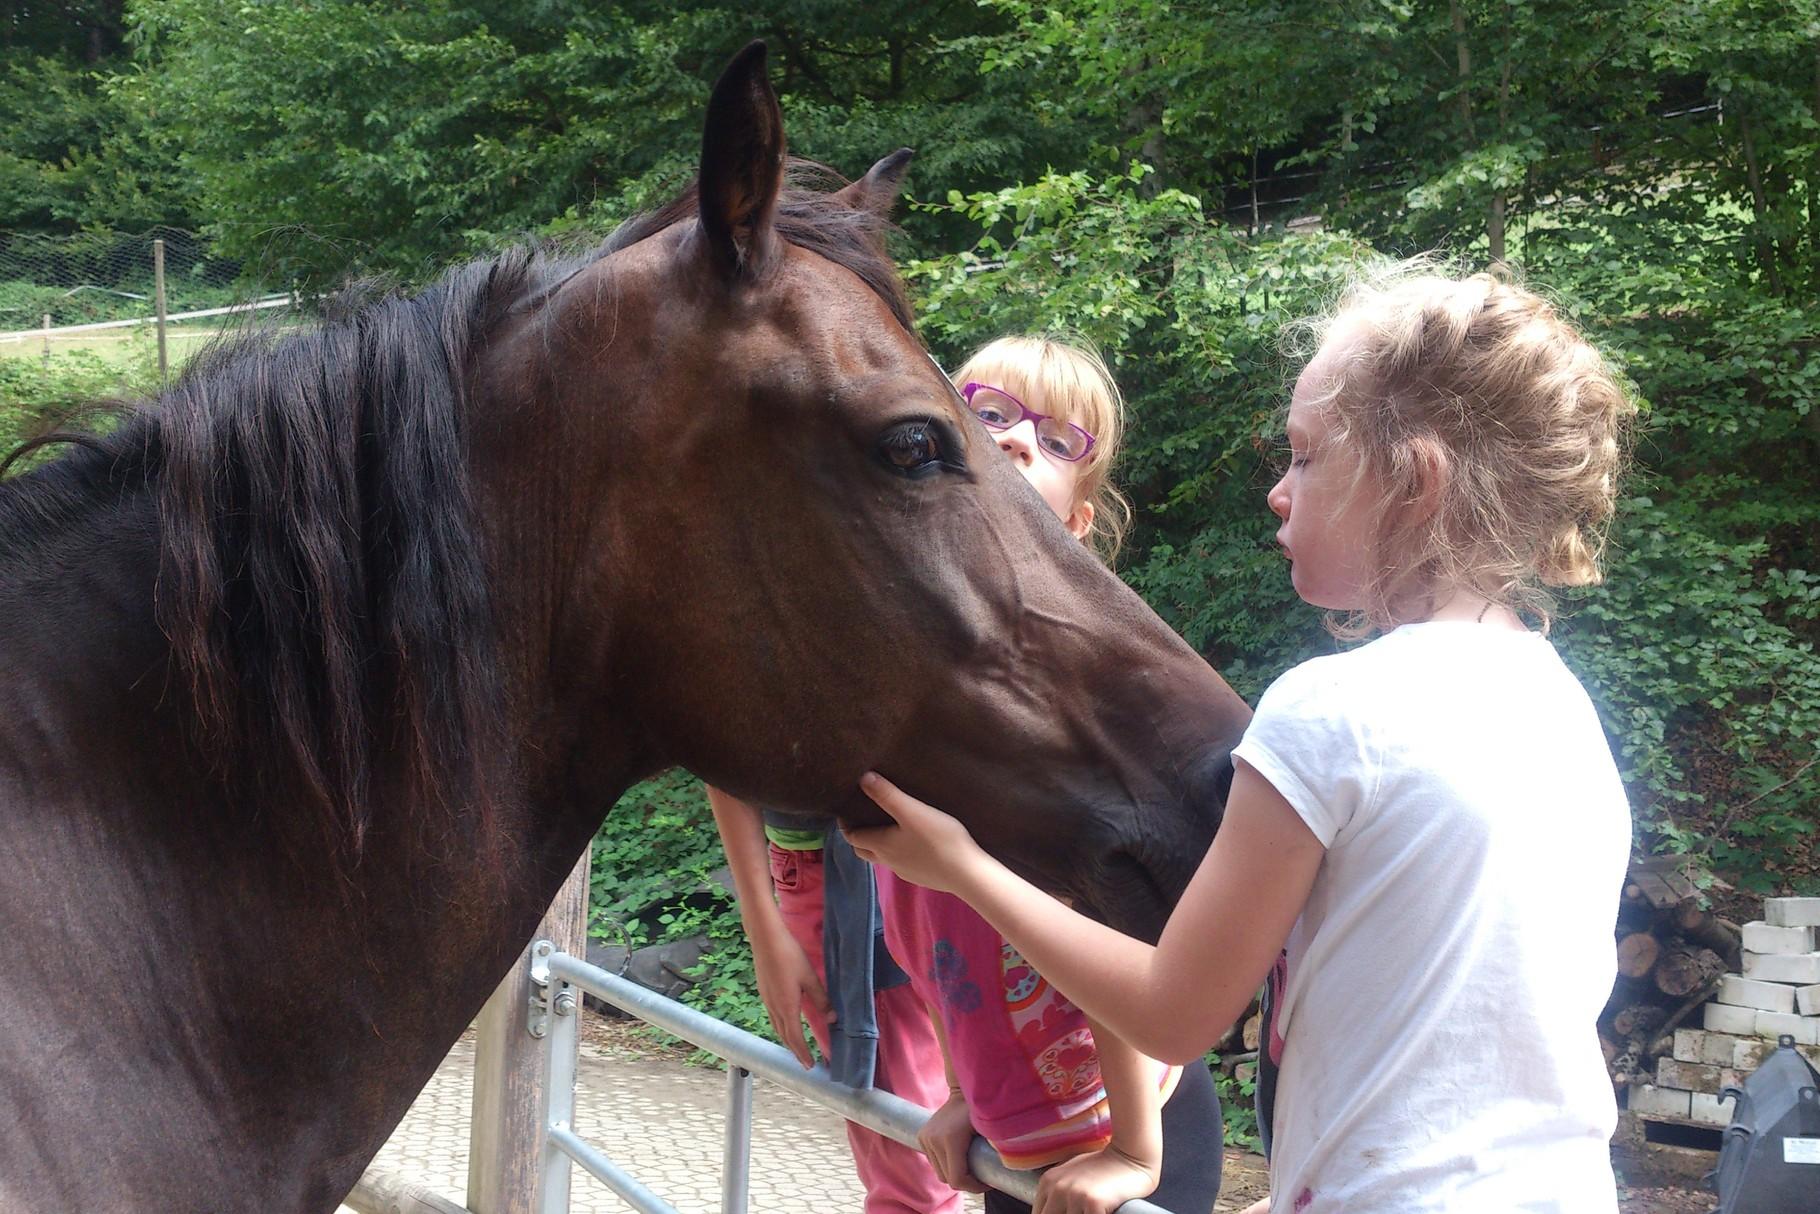 Nach einem langen Ausflug sucht Synnai im Stall immer noch die Nähe der Kinder